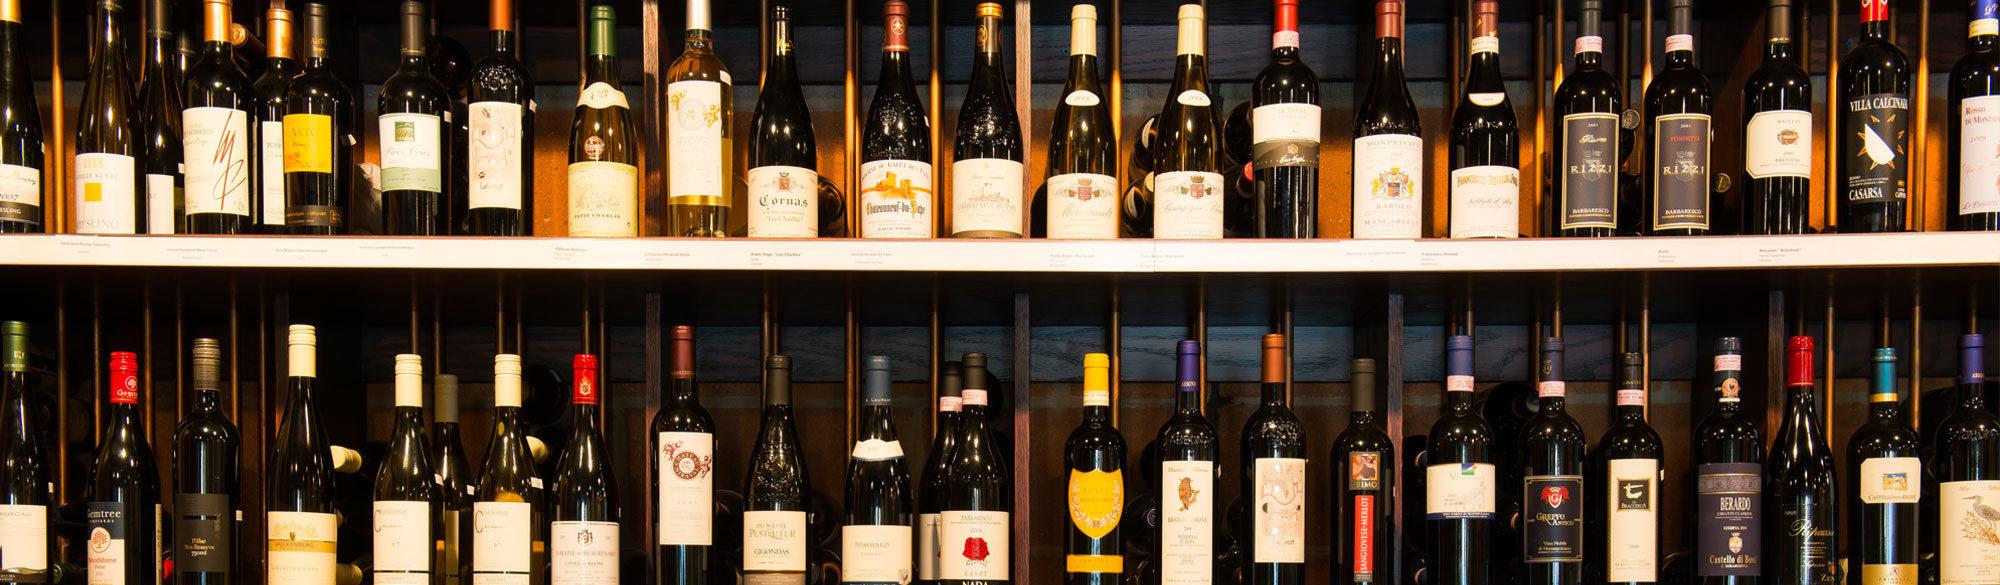 Cheap Wine?..